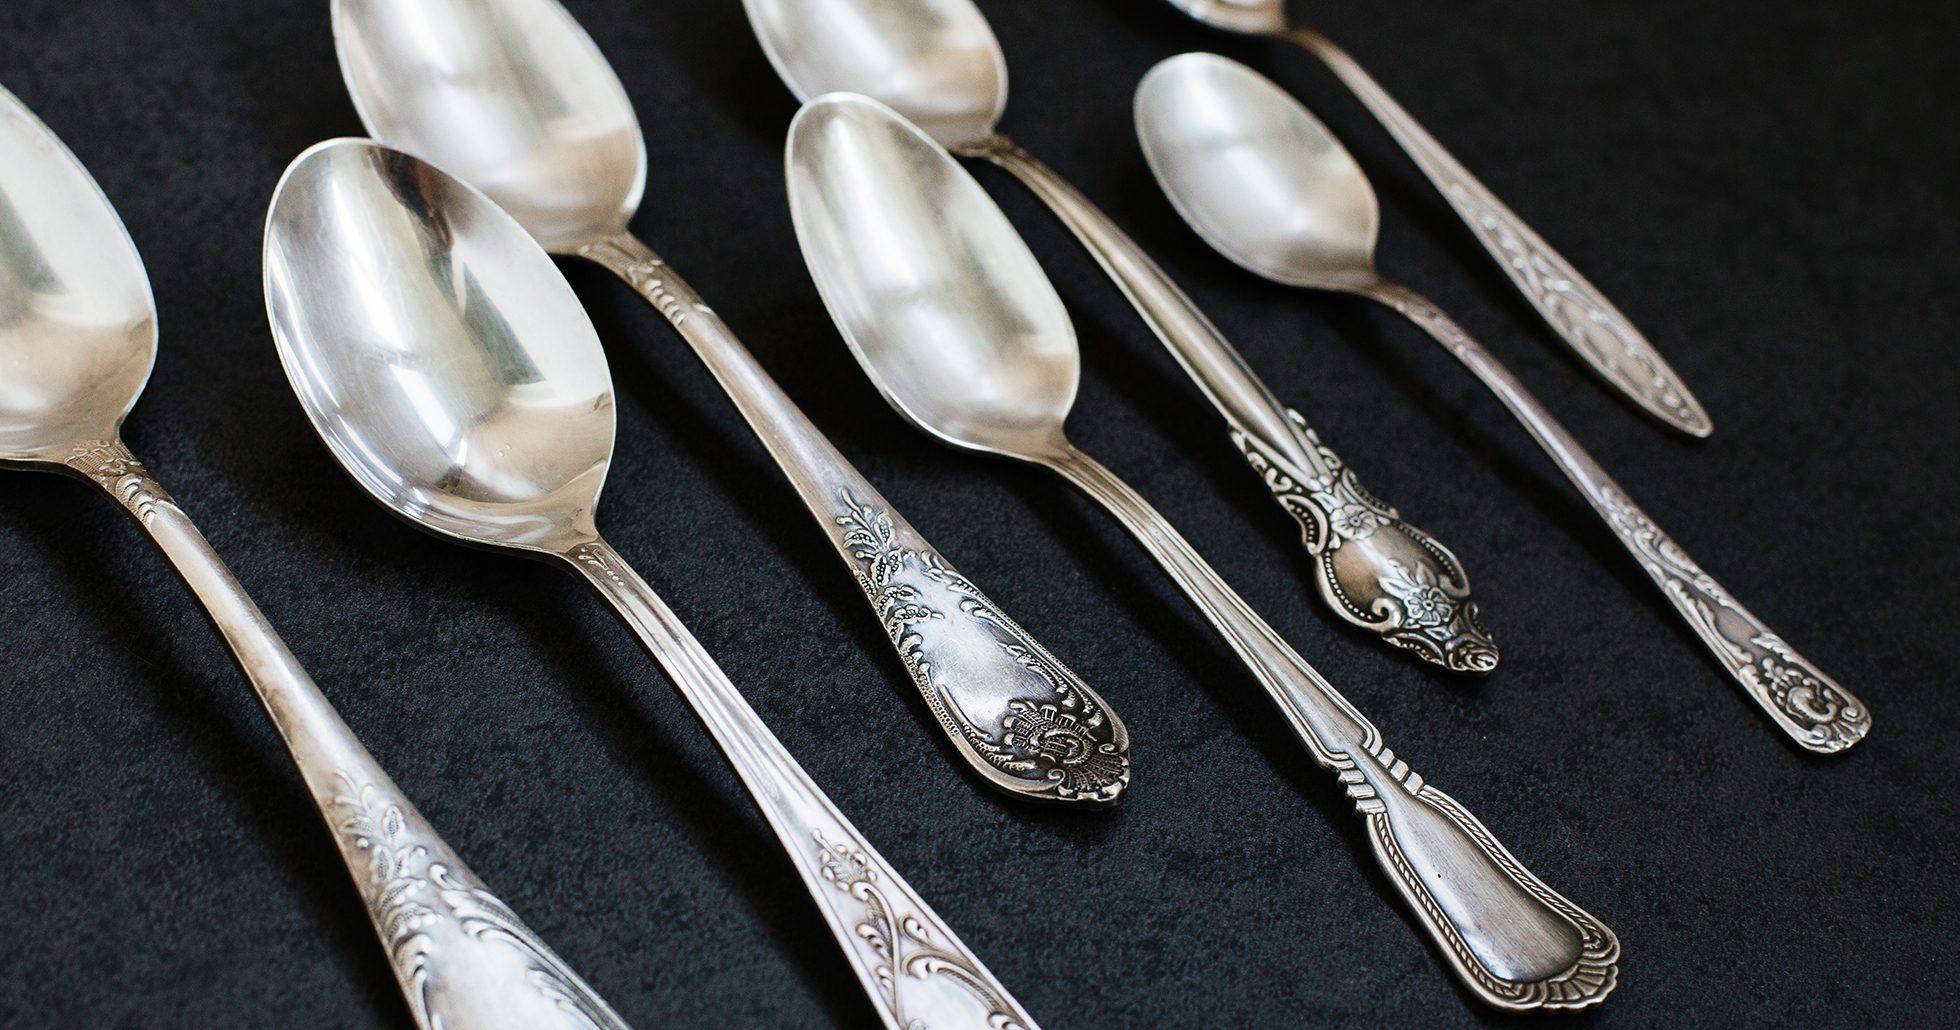 Vad är silverskedarna värda?